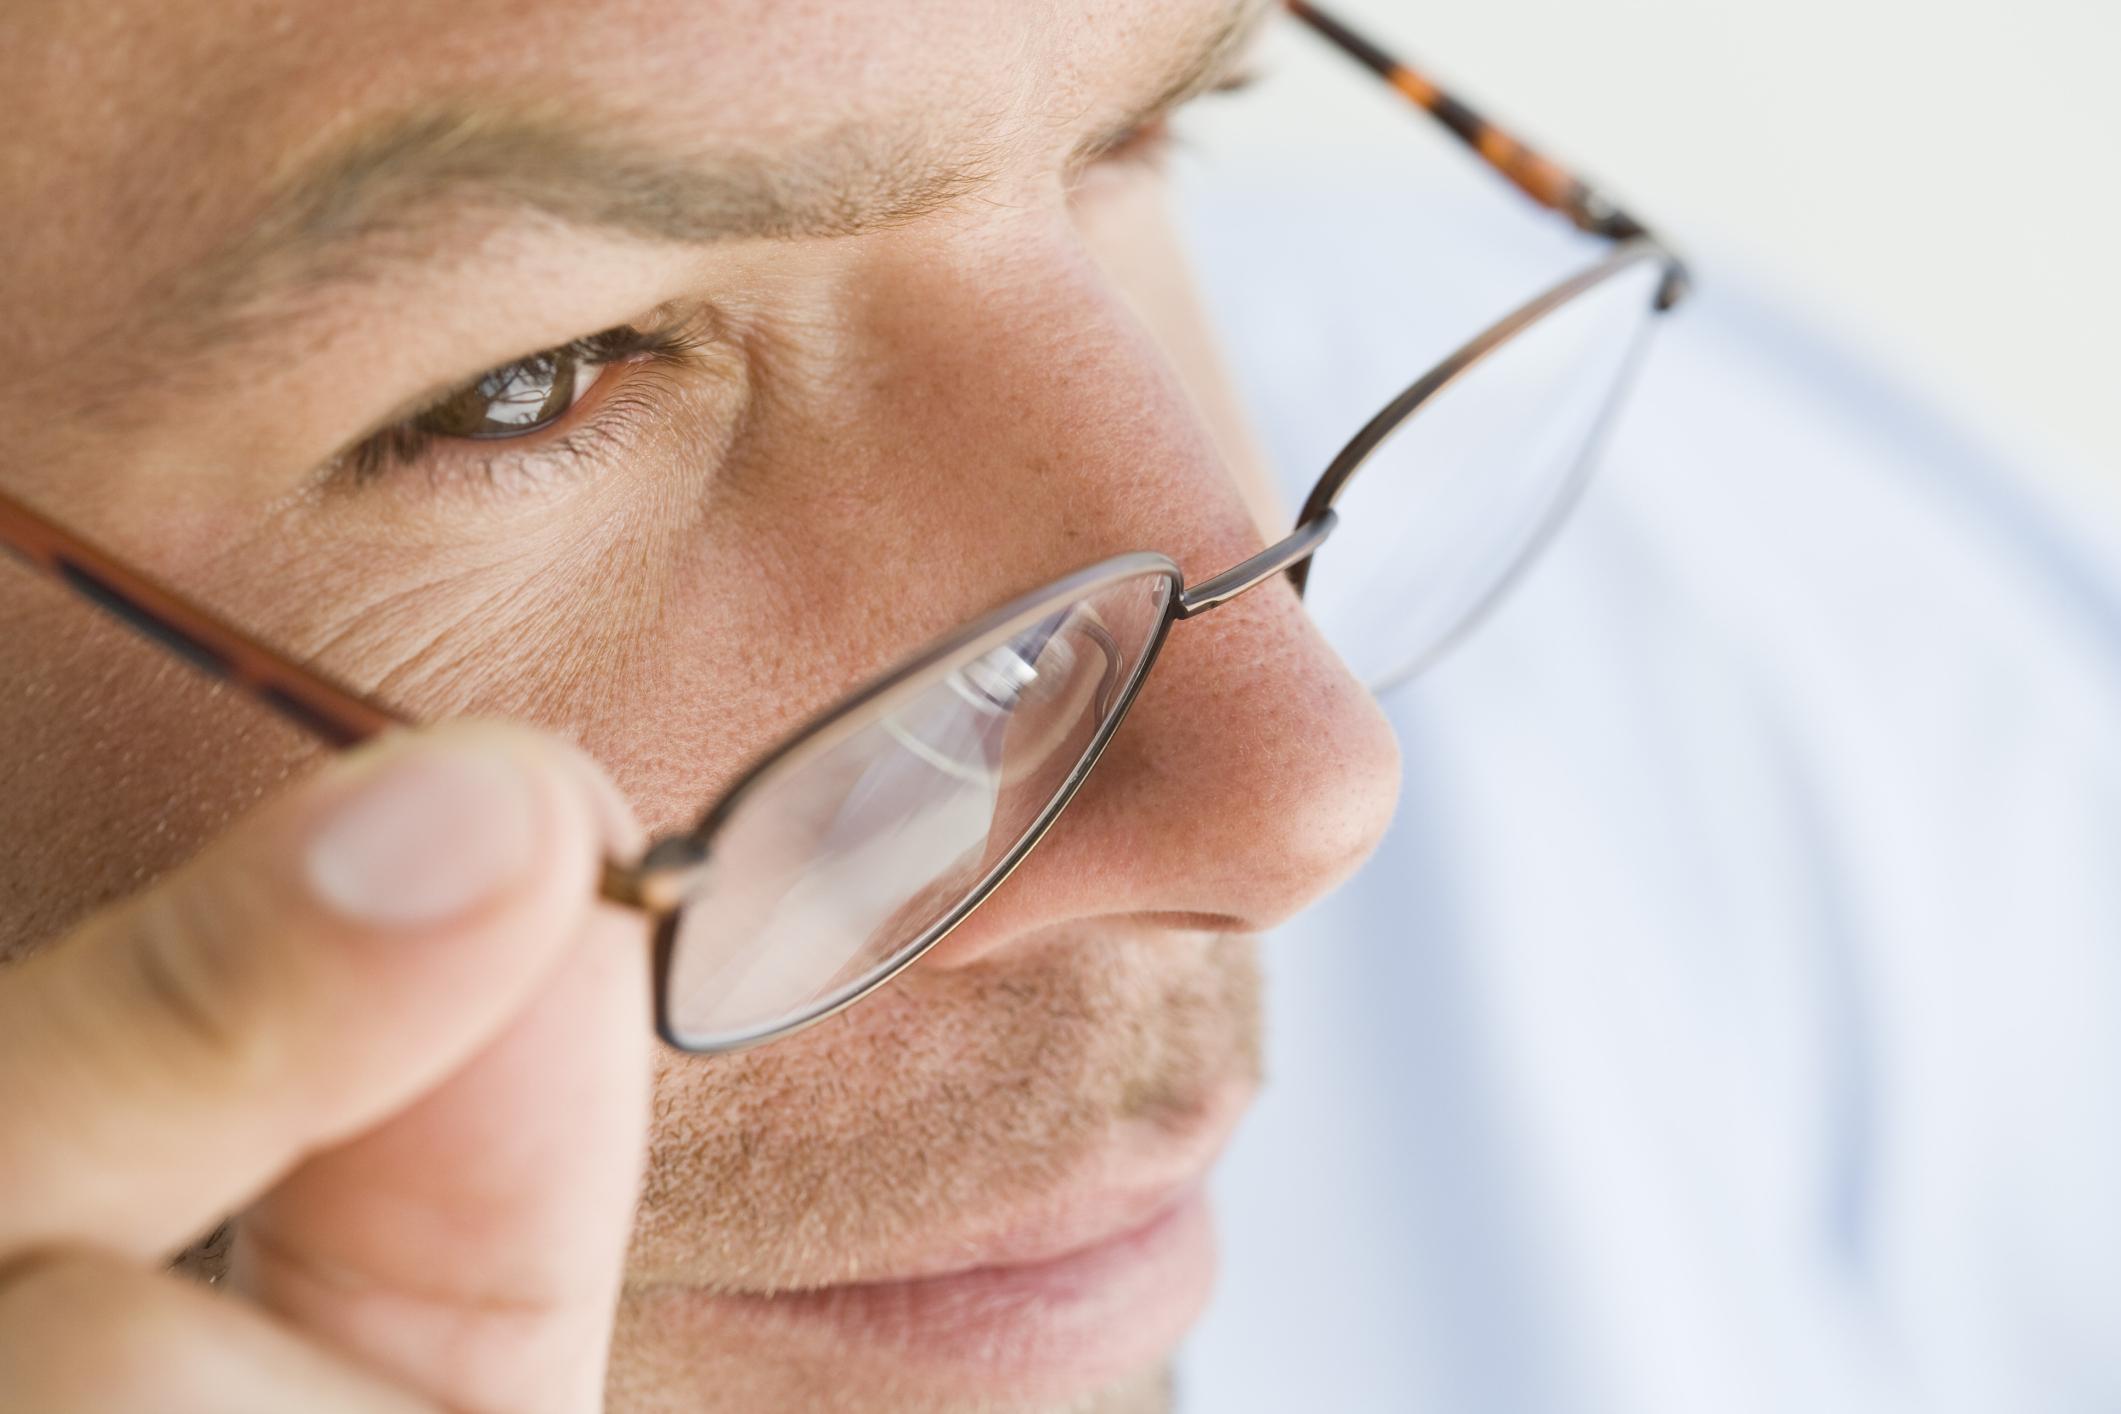 Cómo cambiar el marco de los lentes y mantener los vidrios |